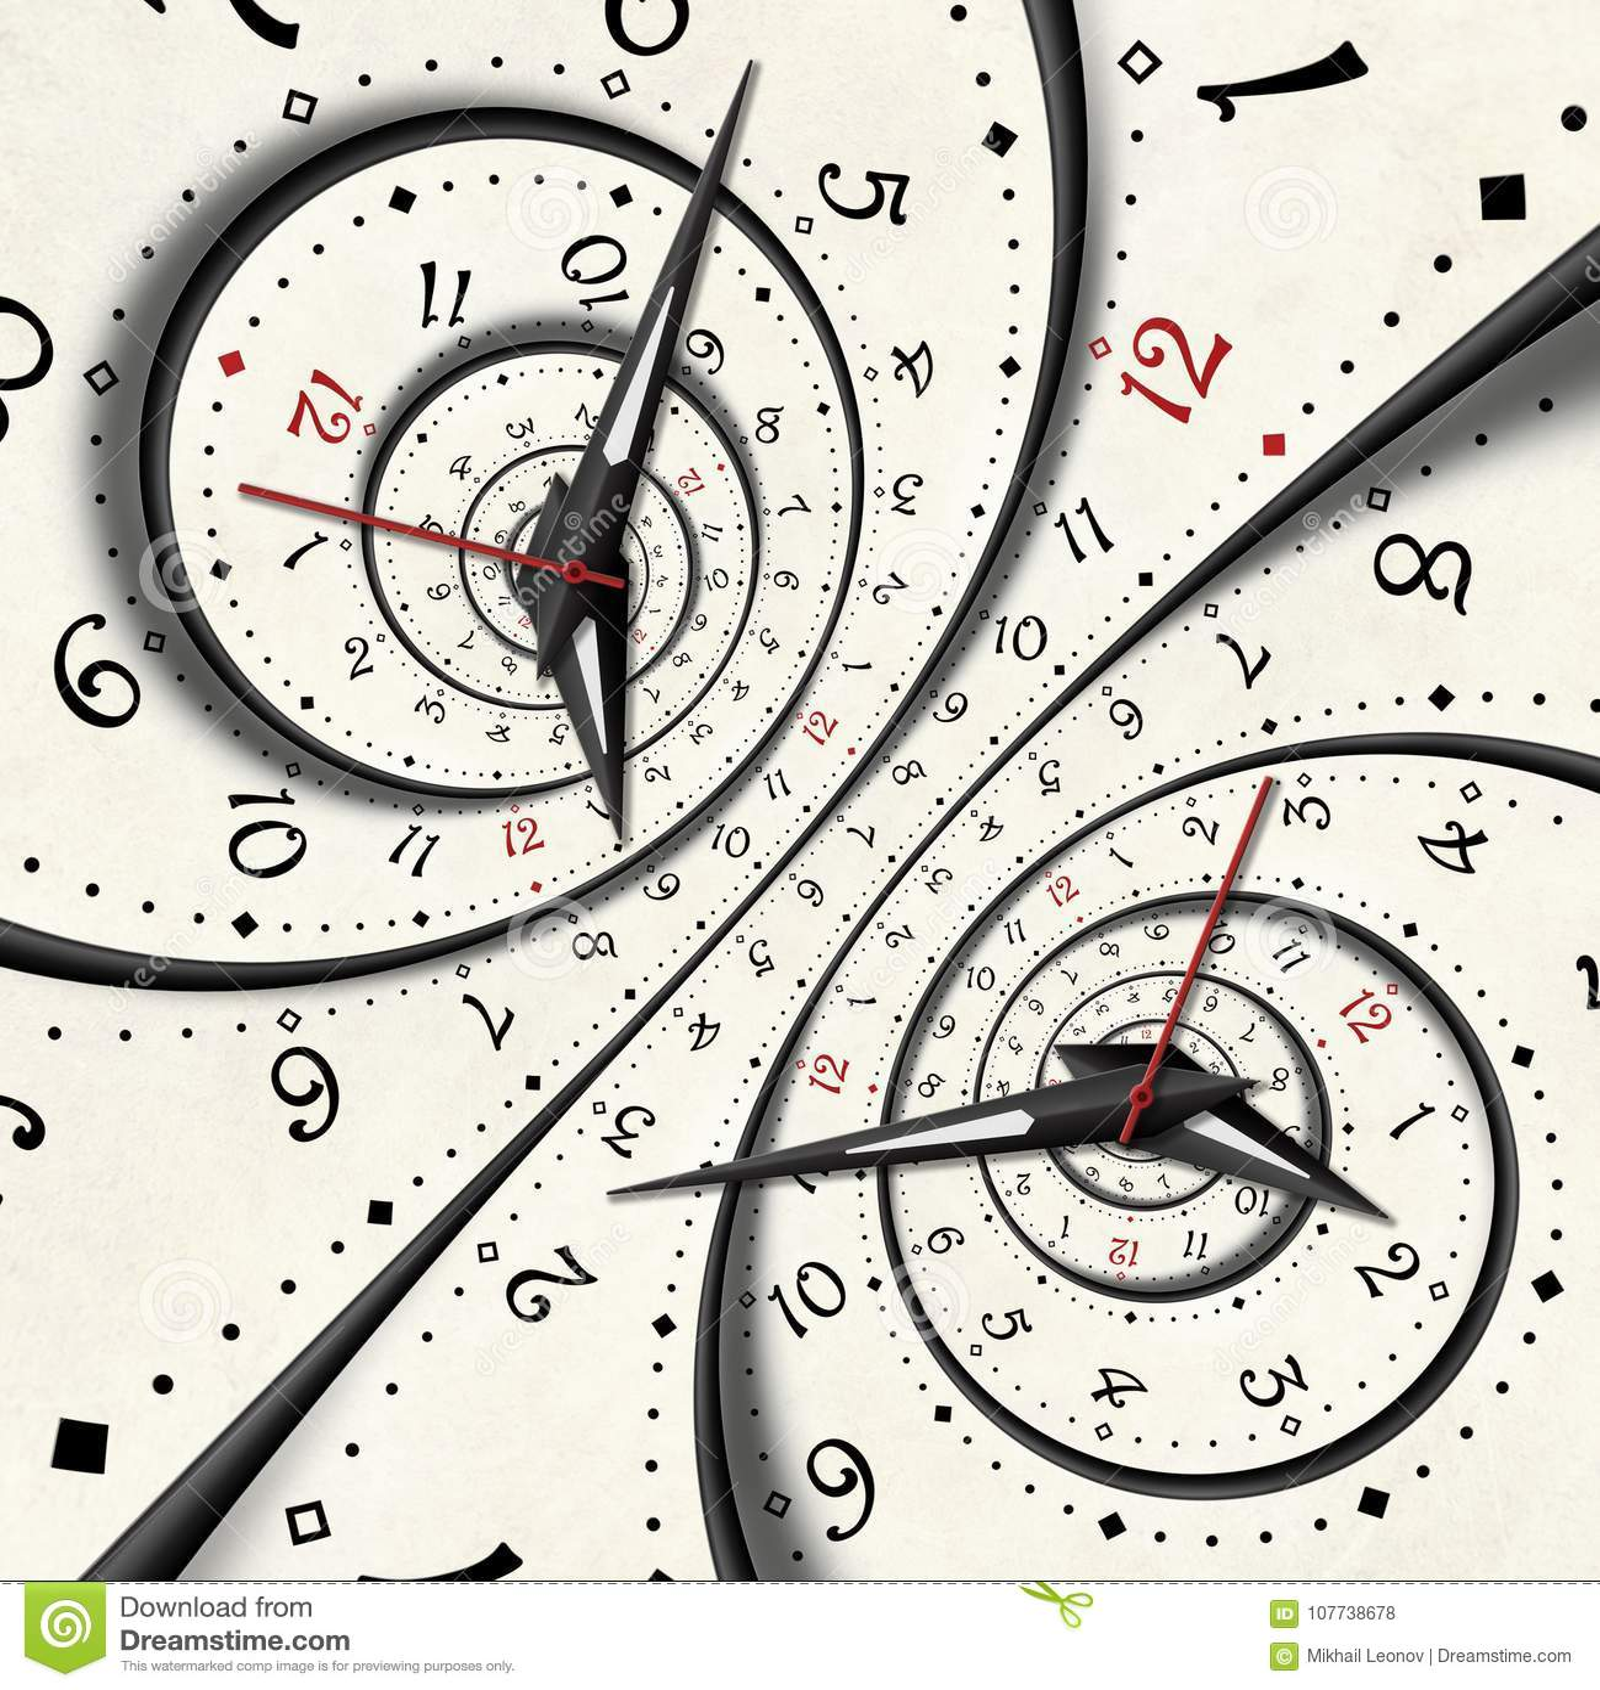 El fractal espiral surrealista blanco moderno abstracto del reloj torció el fondo abstracto inusual de la textura del reloj Giro